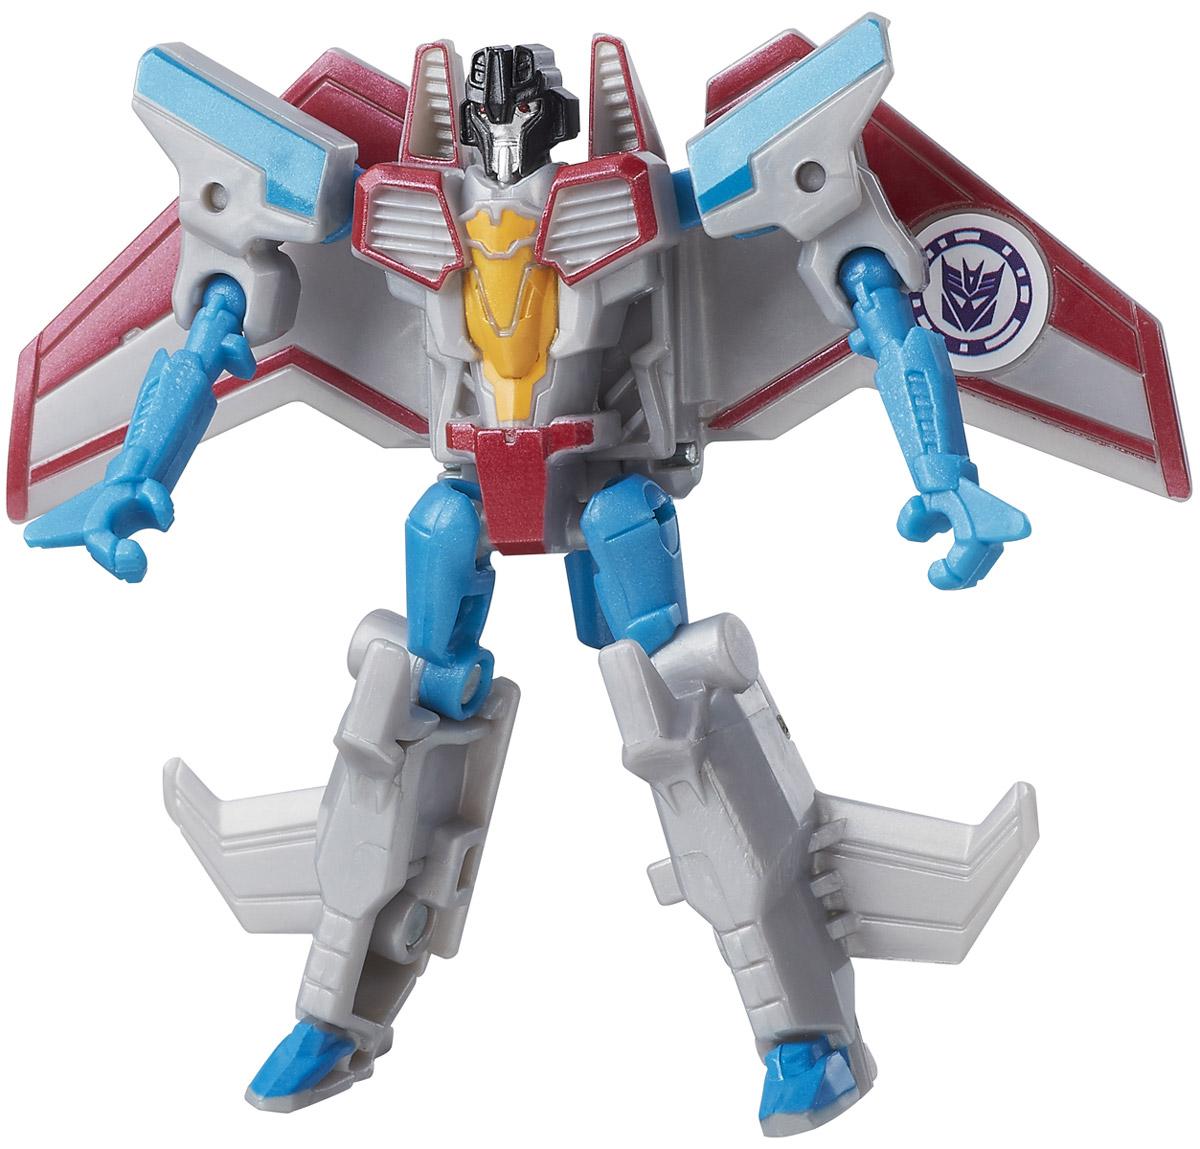 Transformers Трансформер Combiner Force Legion Starscream transformers трансформер combiner force sideswipe